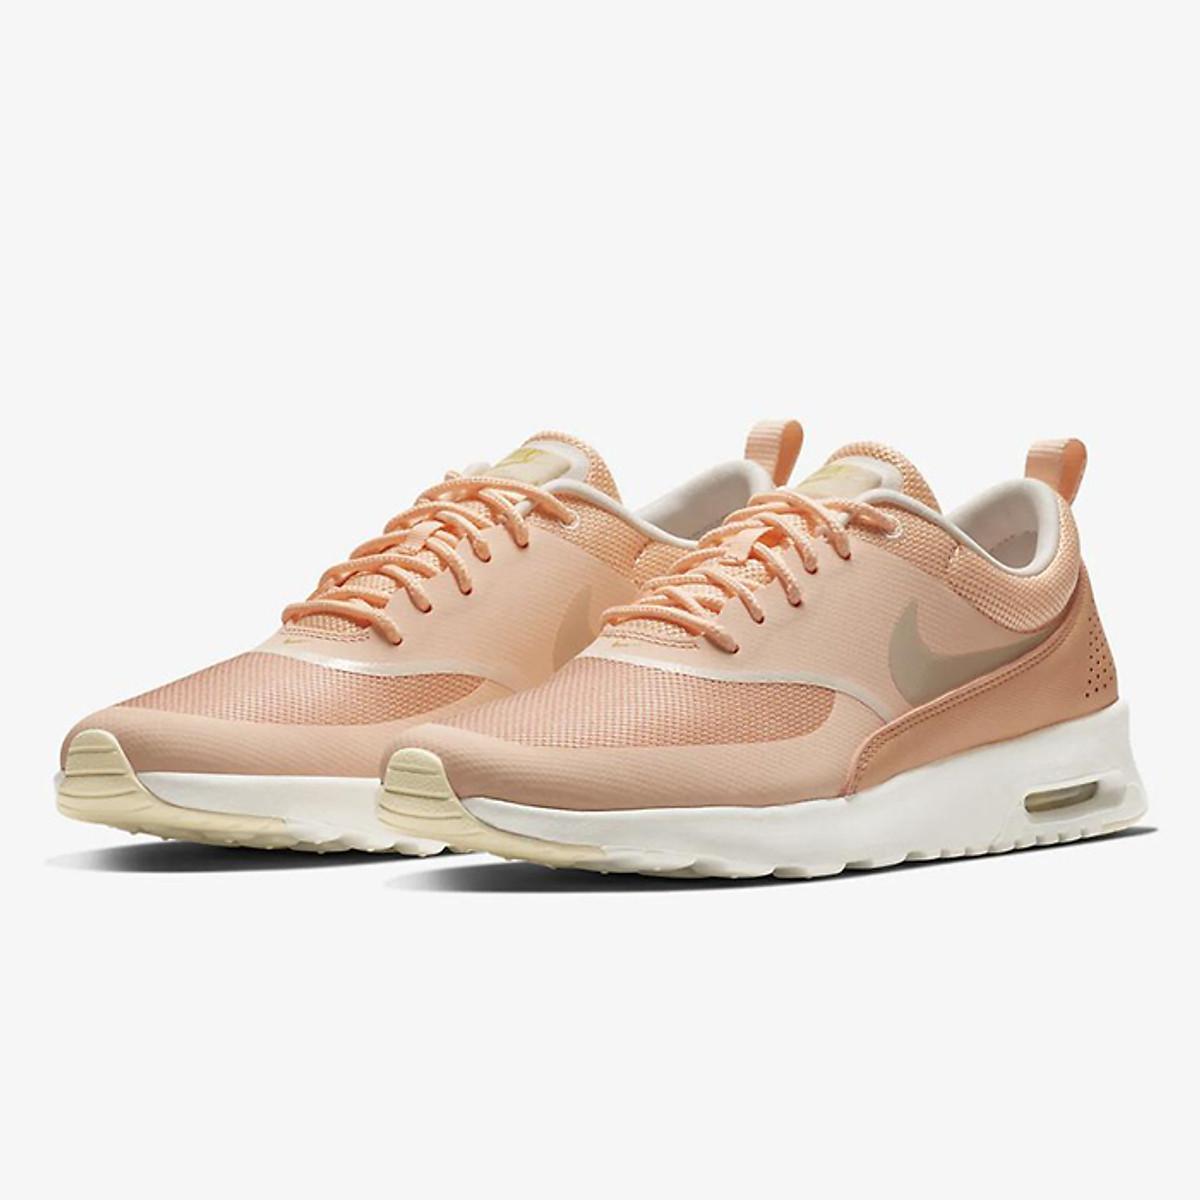 Đánh giá chi tiết Giày Nike nữ Air Max Thea